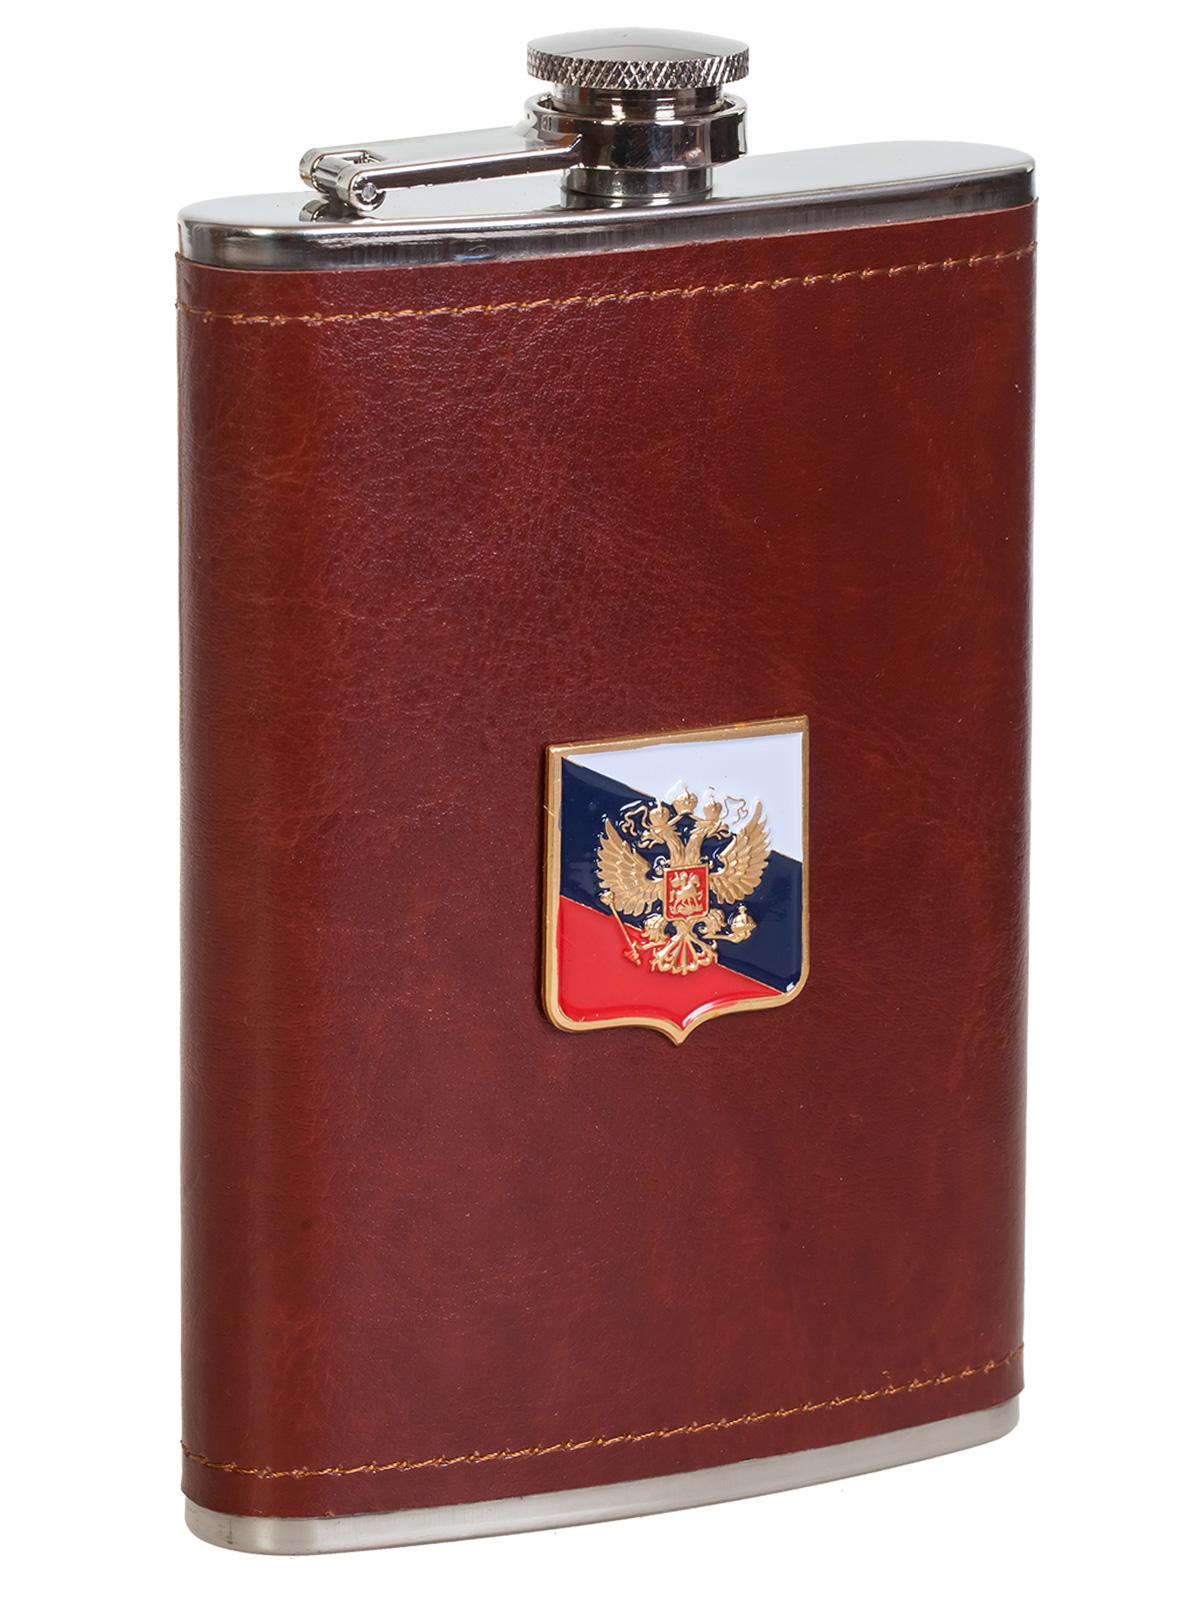 Купить мужскую оригинальную флягу с Гербом РФ с доставкой или самовывозом